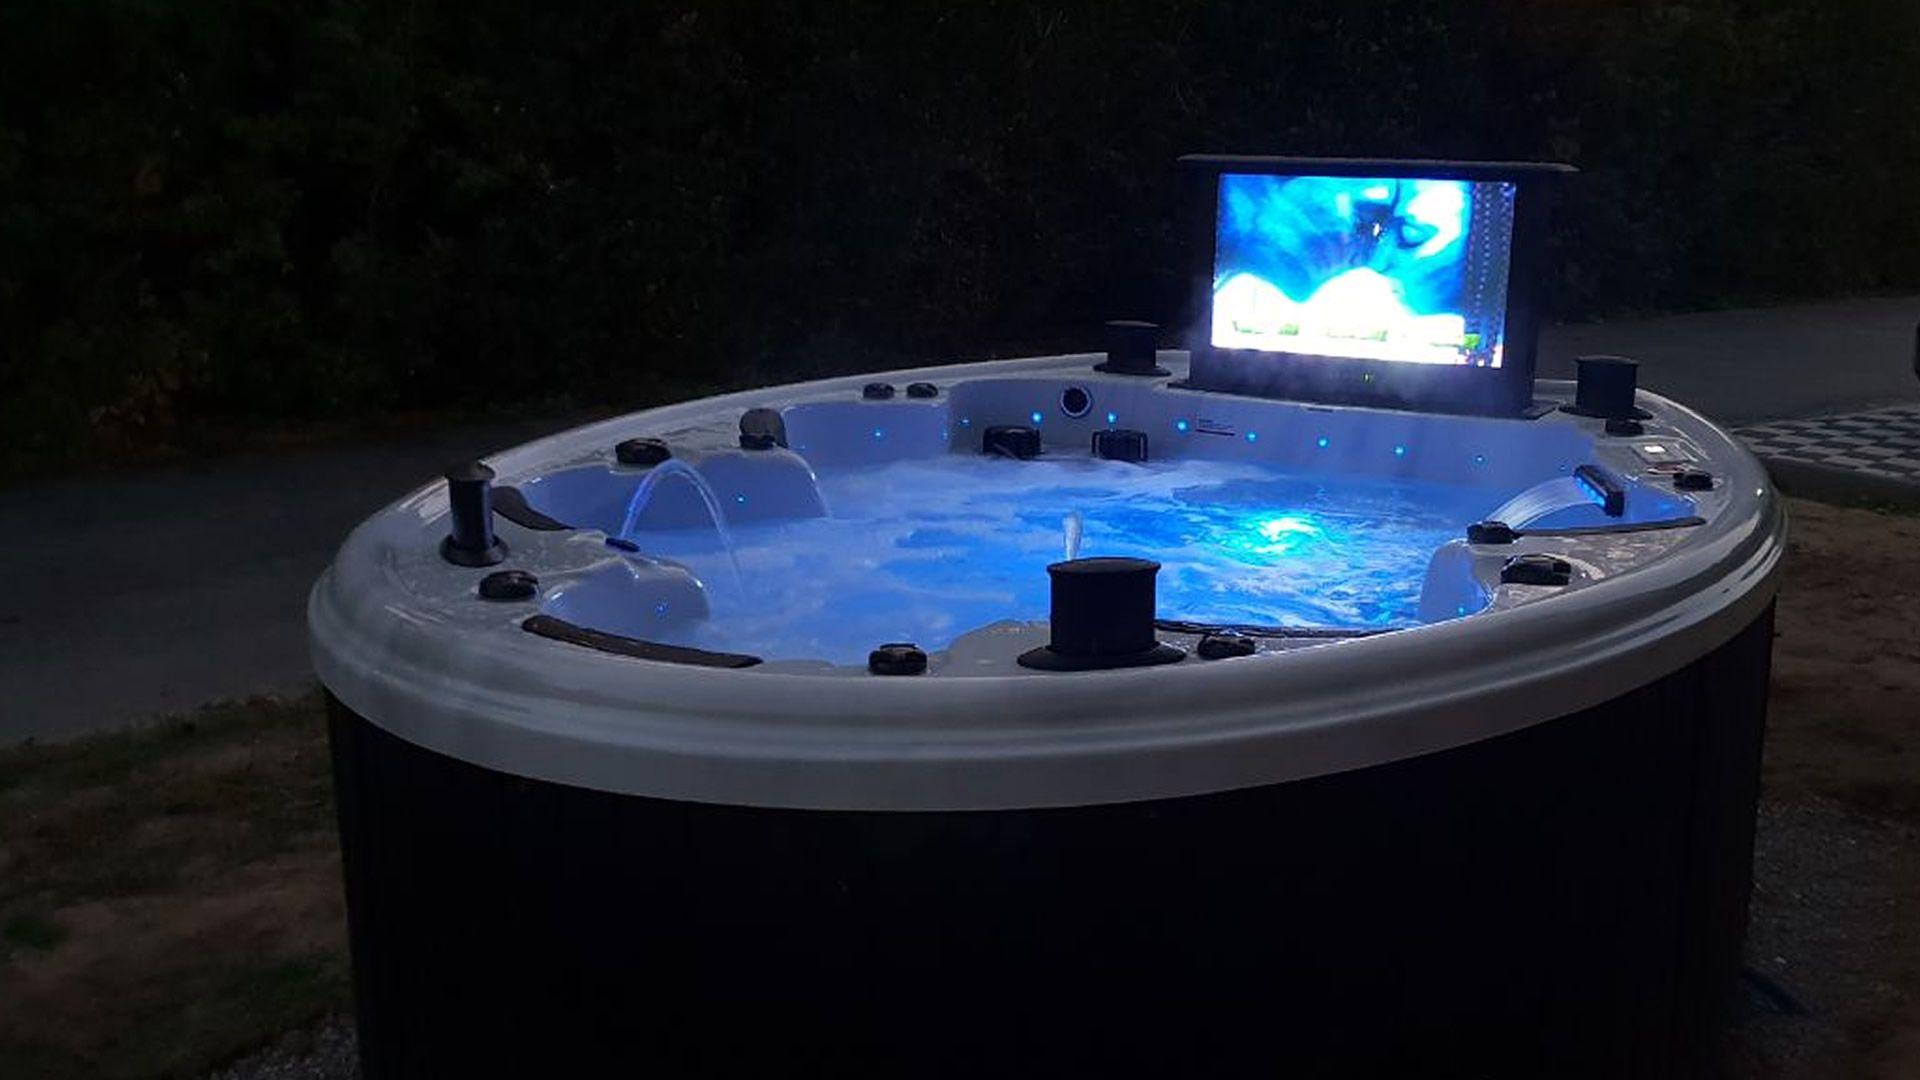 Referenzen Bildern Von Glucklichen Whirlpool Schwimm Spa Kunden Whirlpool Spa Schwimmen